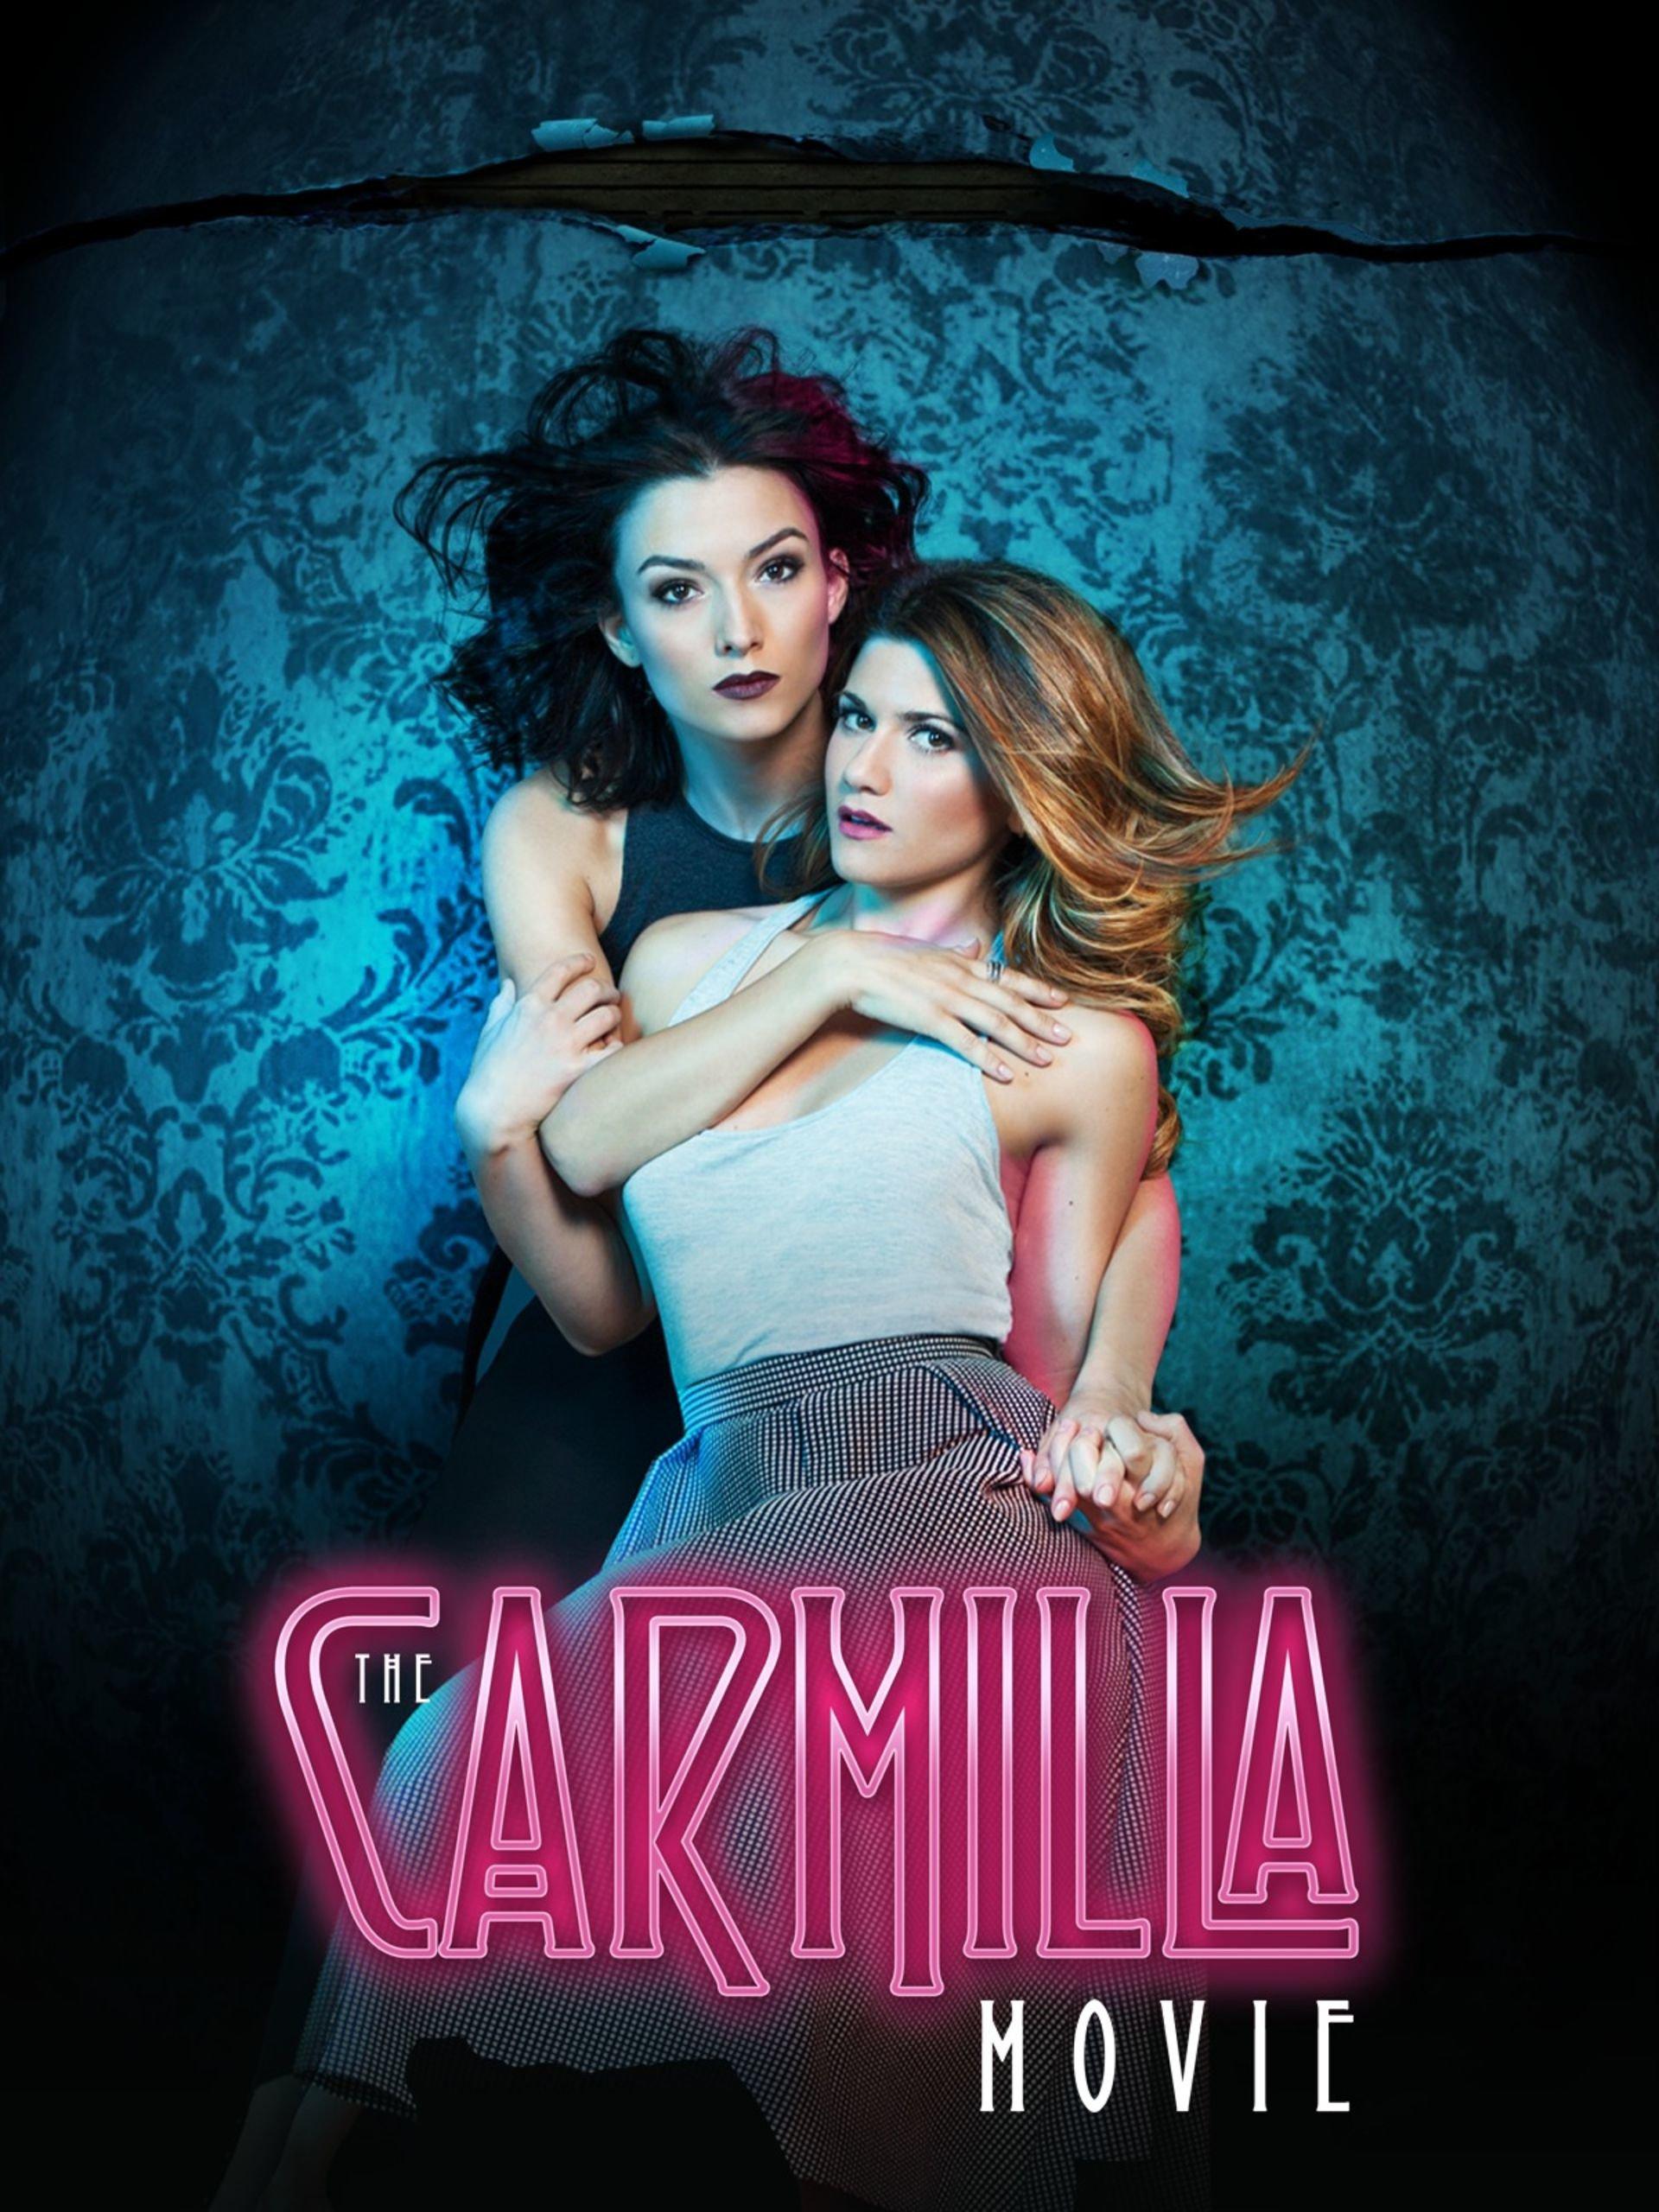 carmilla movie full screen service